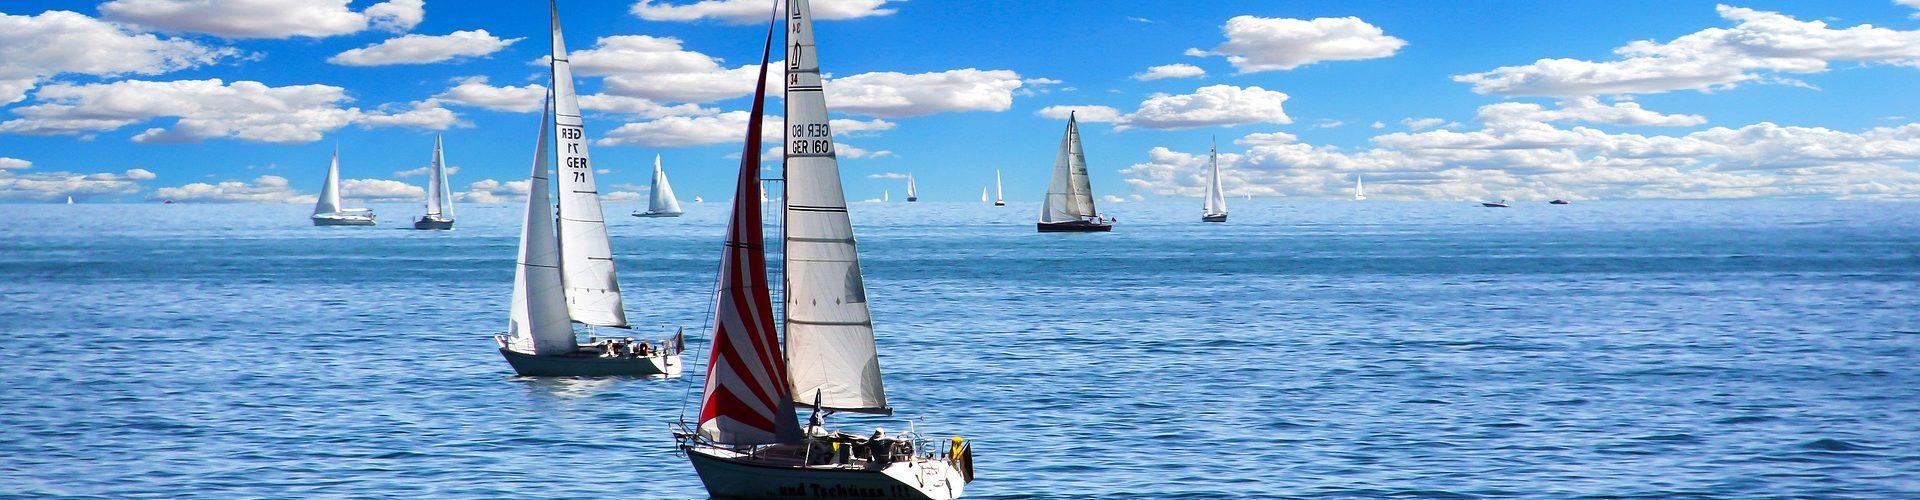 segeln lernen in Lichtenfels segelschein machen in Lichtenfels 1920x500 - Segeln lernen in Lichtenfels